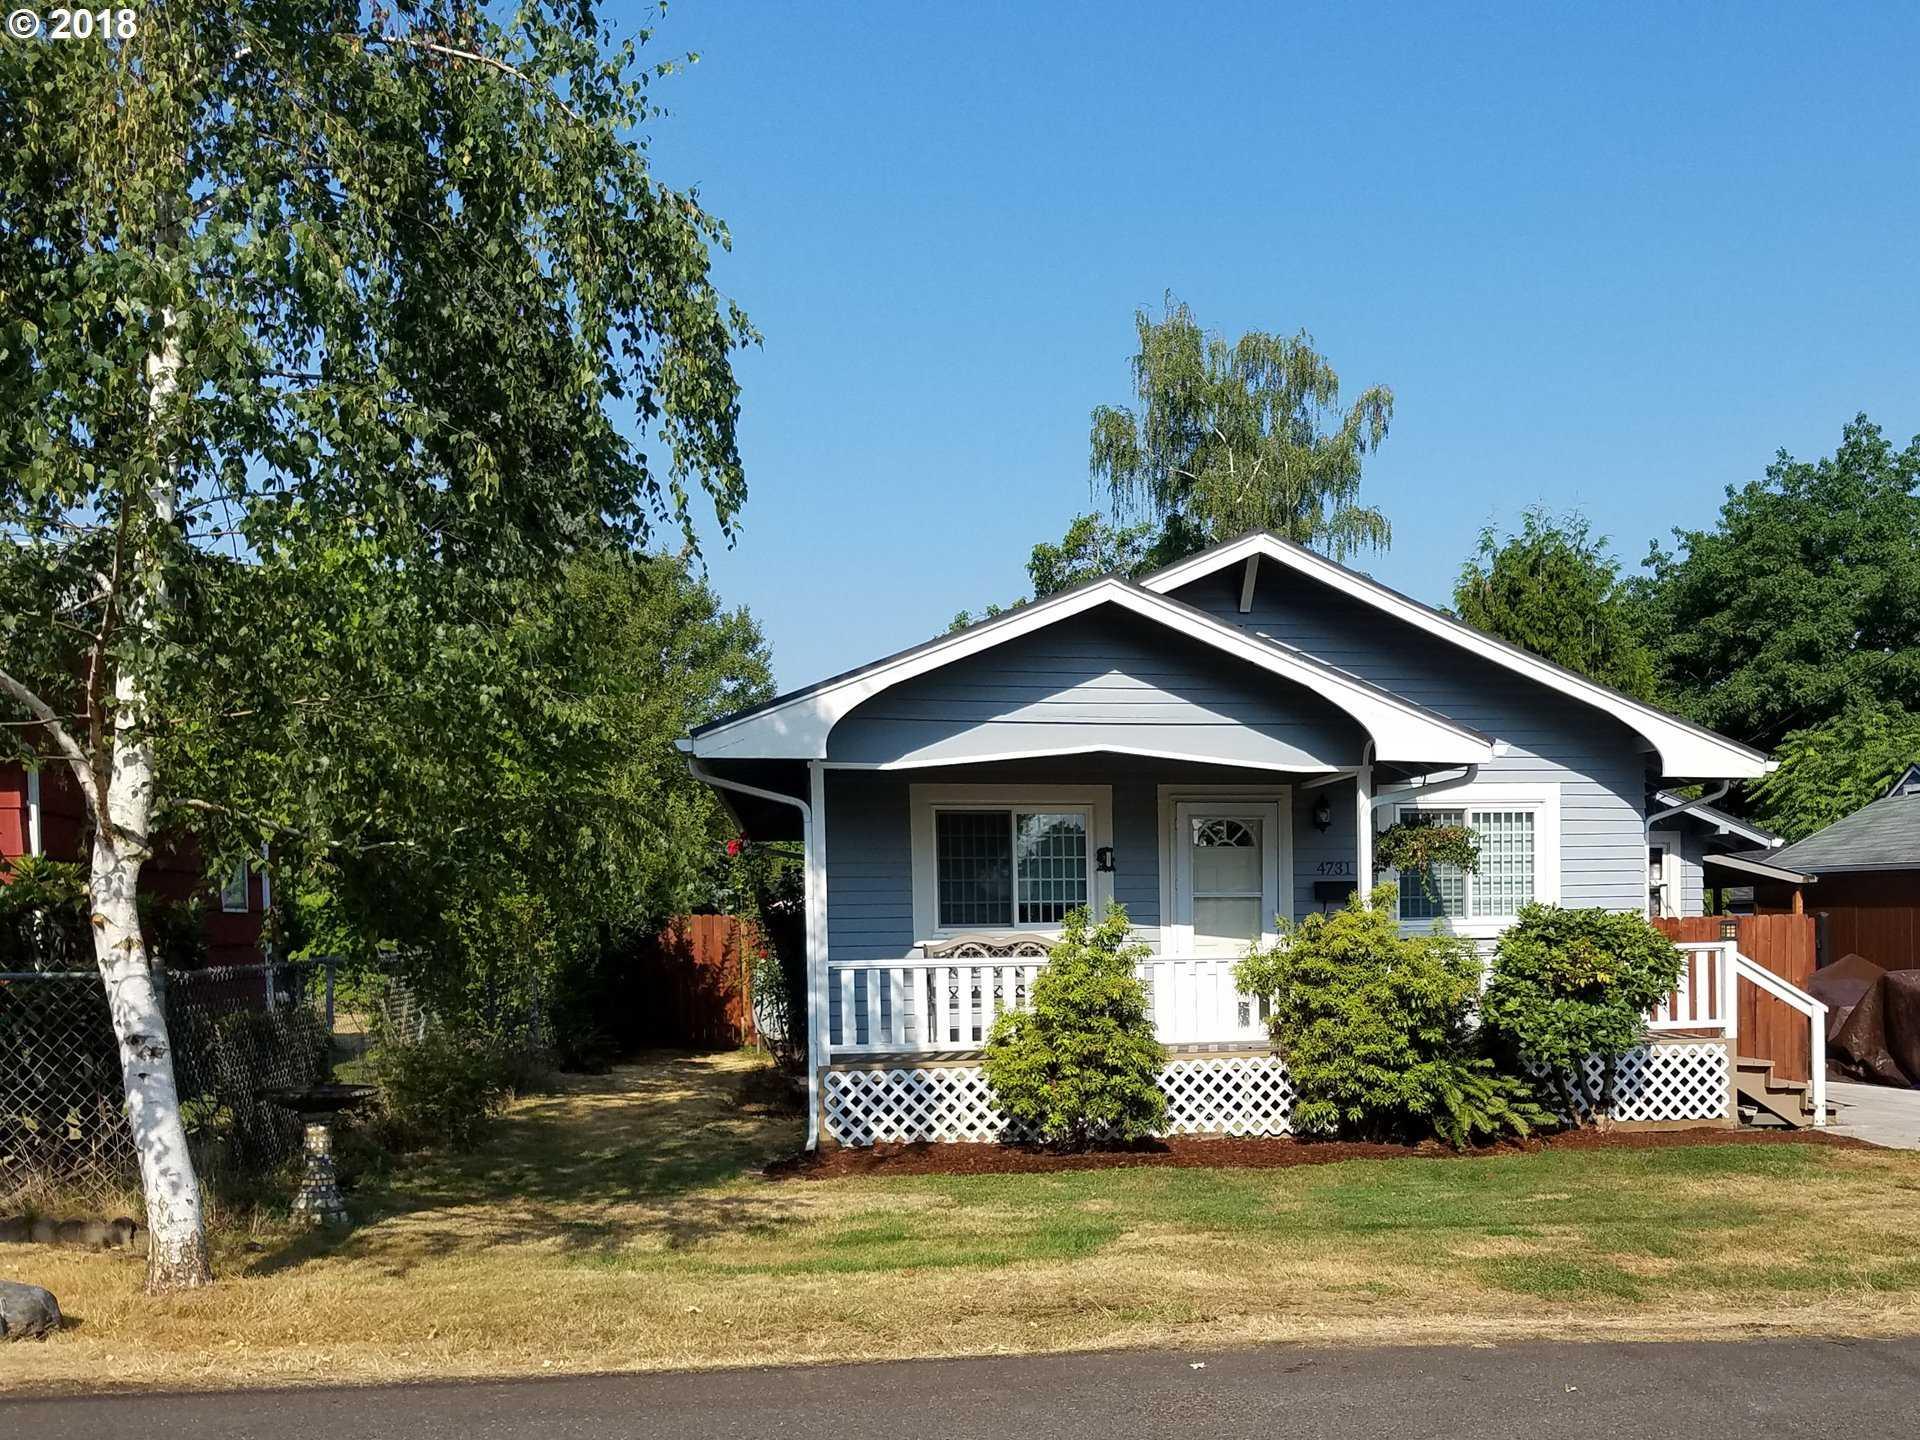 $317,900 - 2Br/1Ba -  for Sale in Sumner, Portland